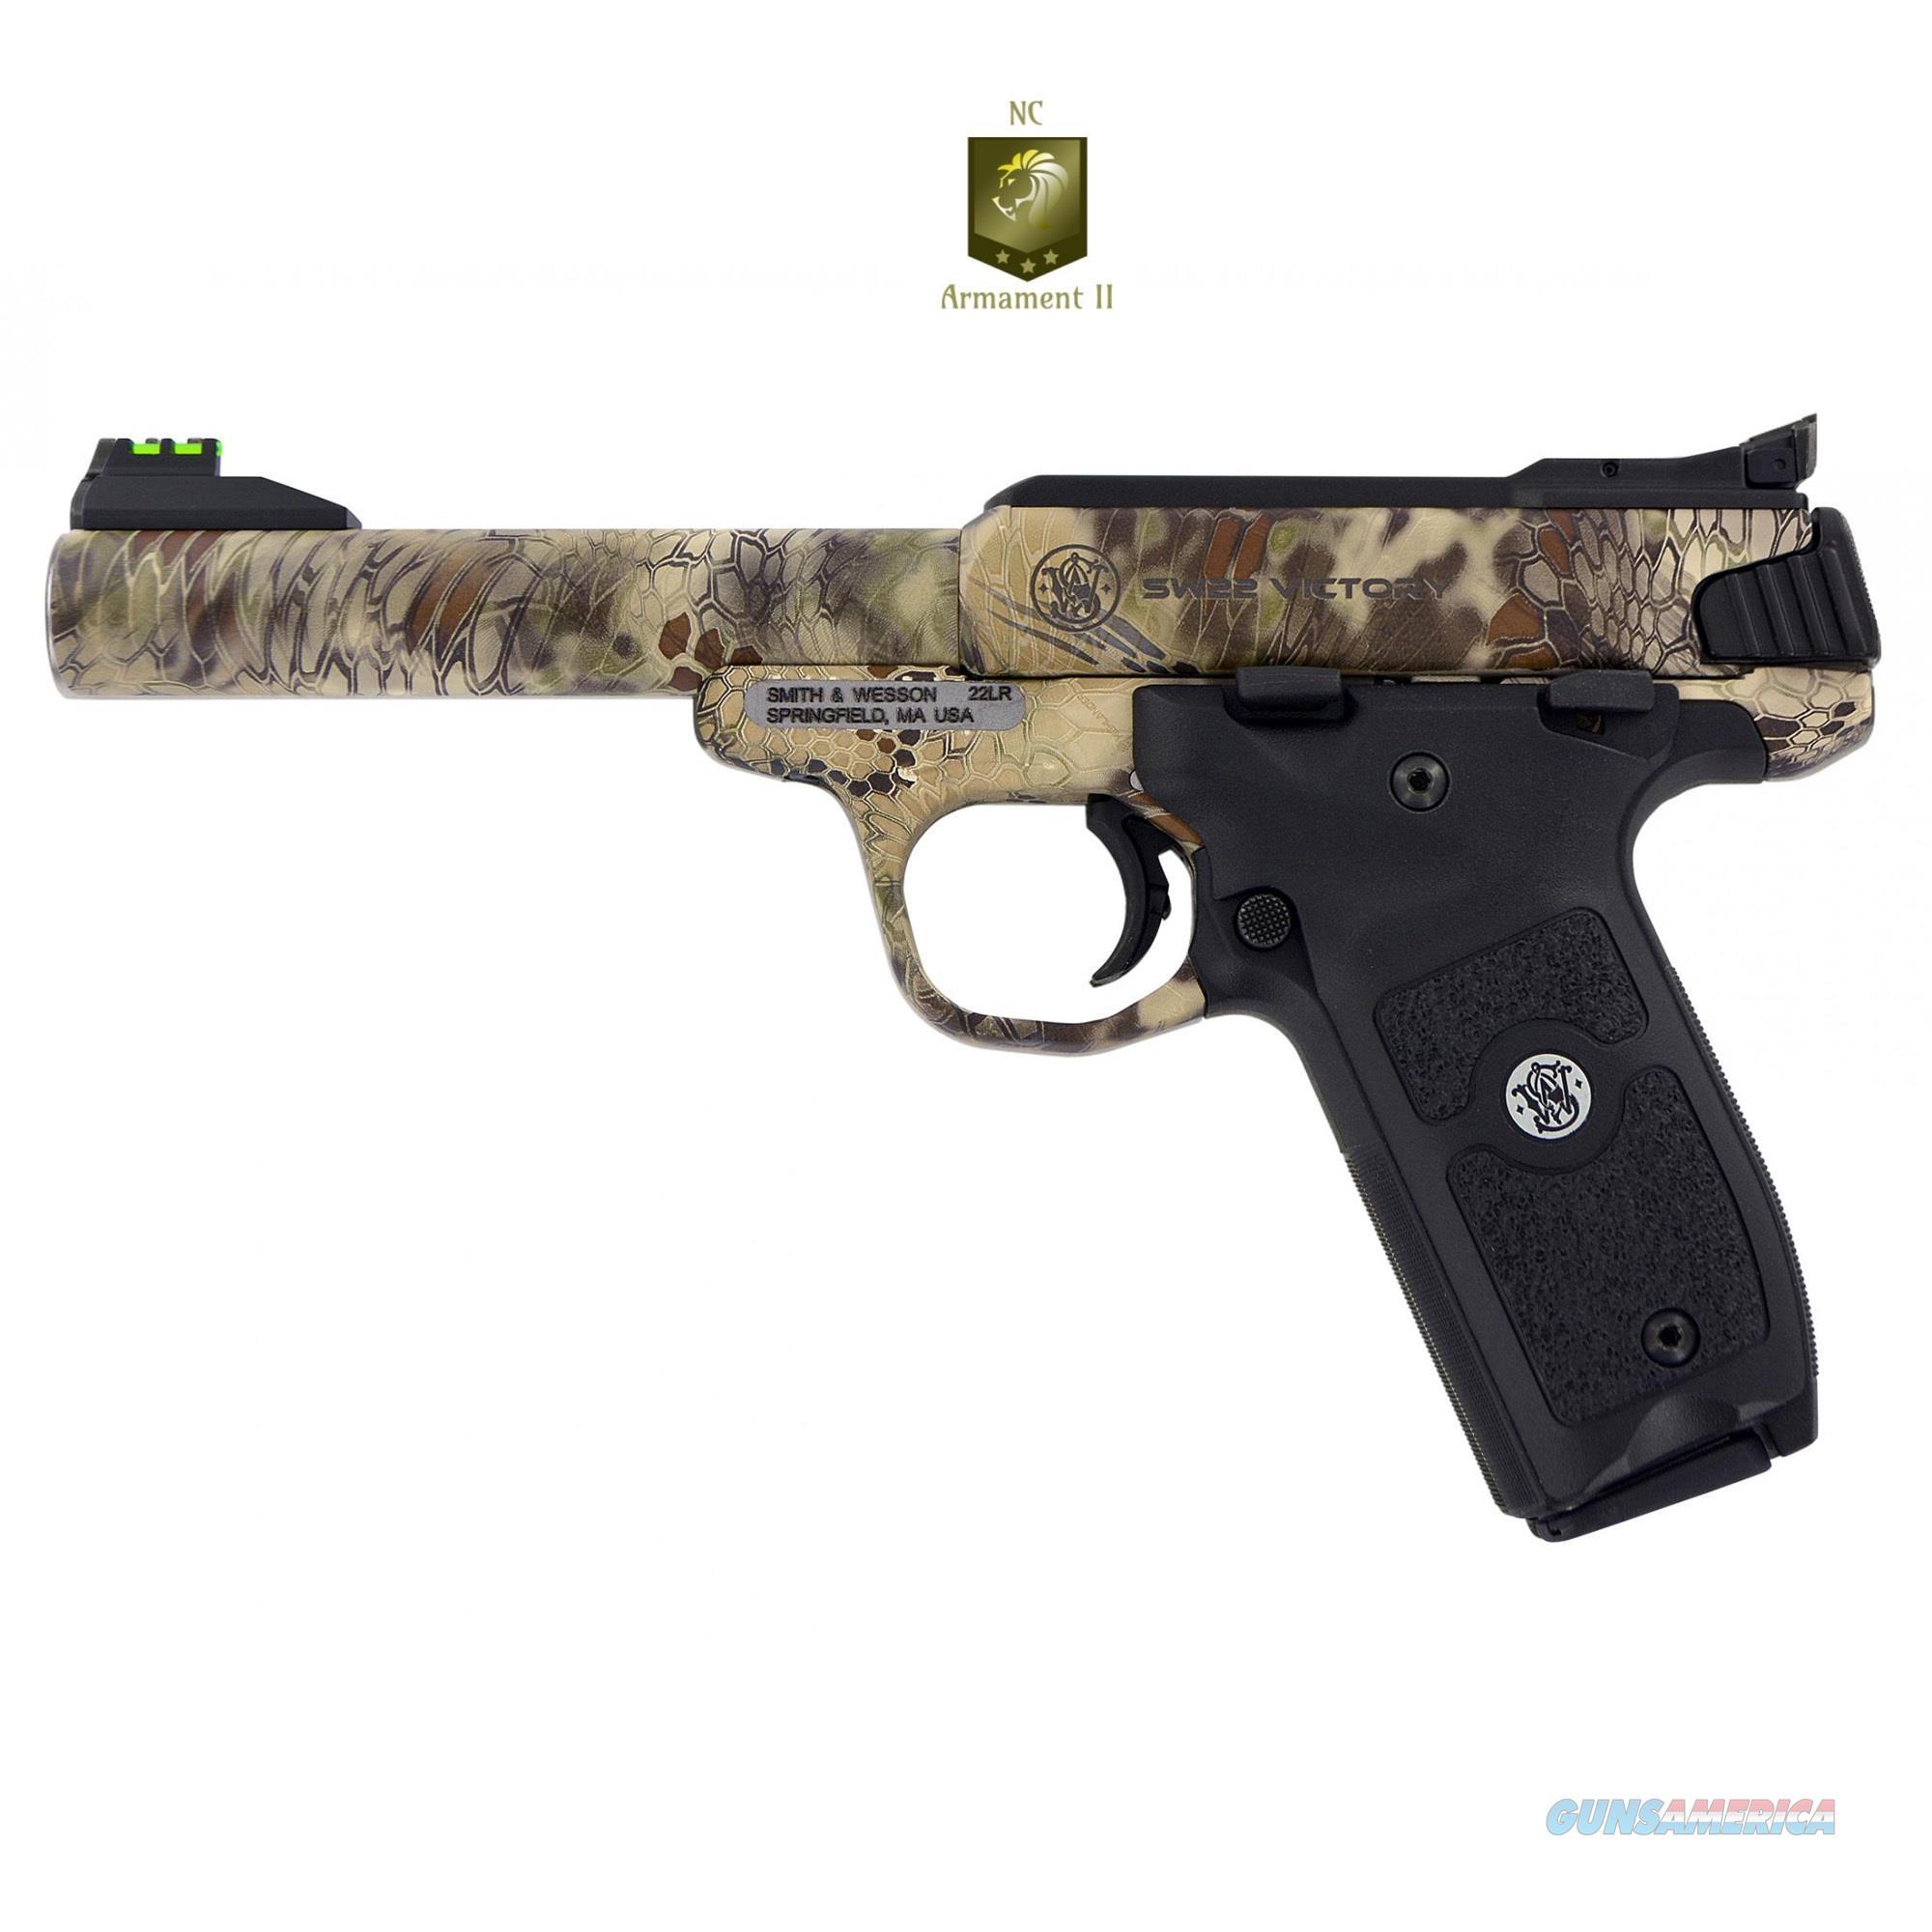 Smith & Wesson Victory 22lr Kryptek Highlander Finish  Guns > Pistols > Smith & Wesson Pistols - Autos > .22 Autos